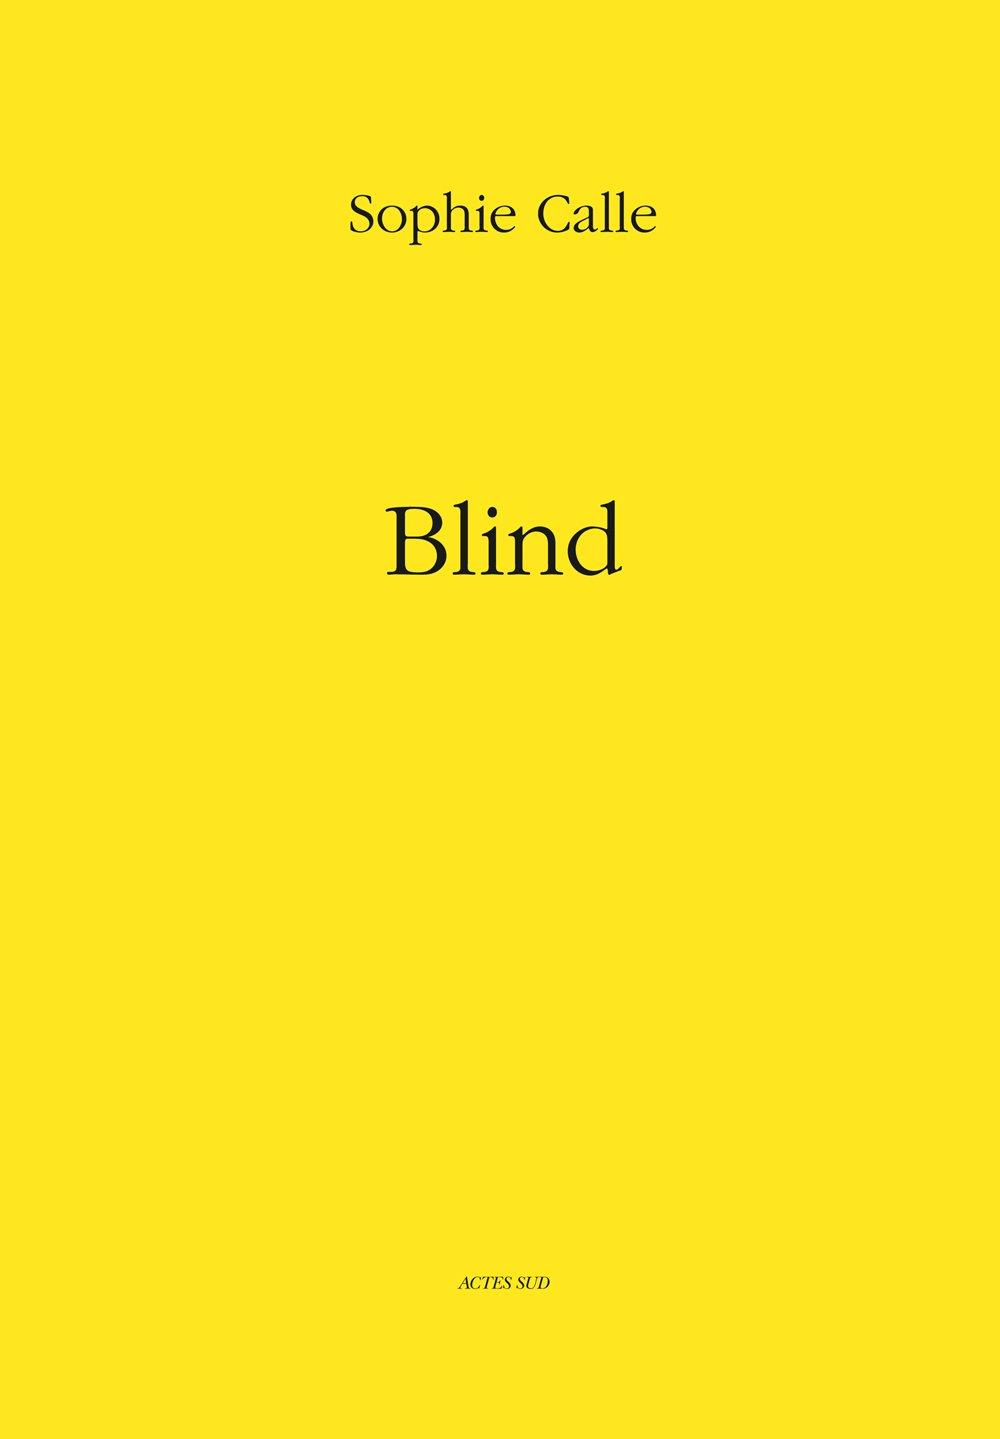 【古本】ソフィ・カル作品集 : SOPHIE CALLE : BLIND